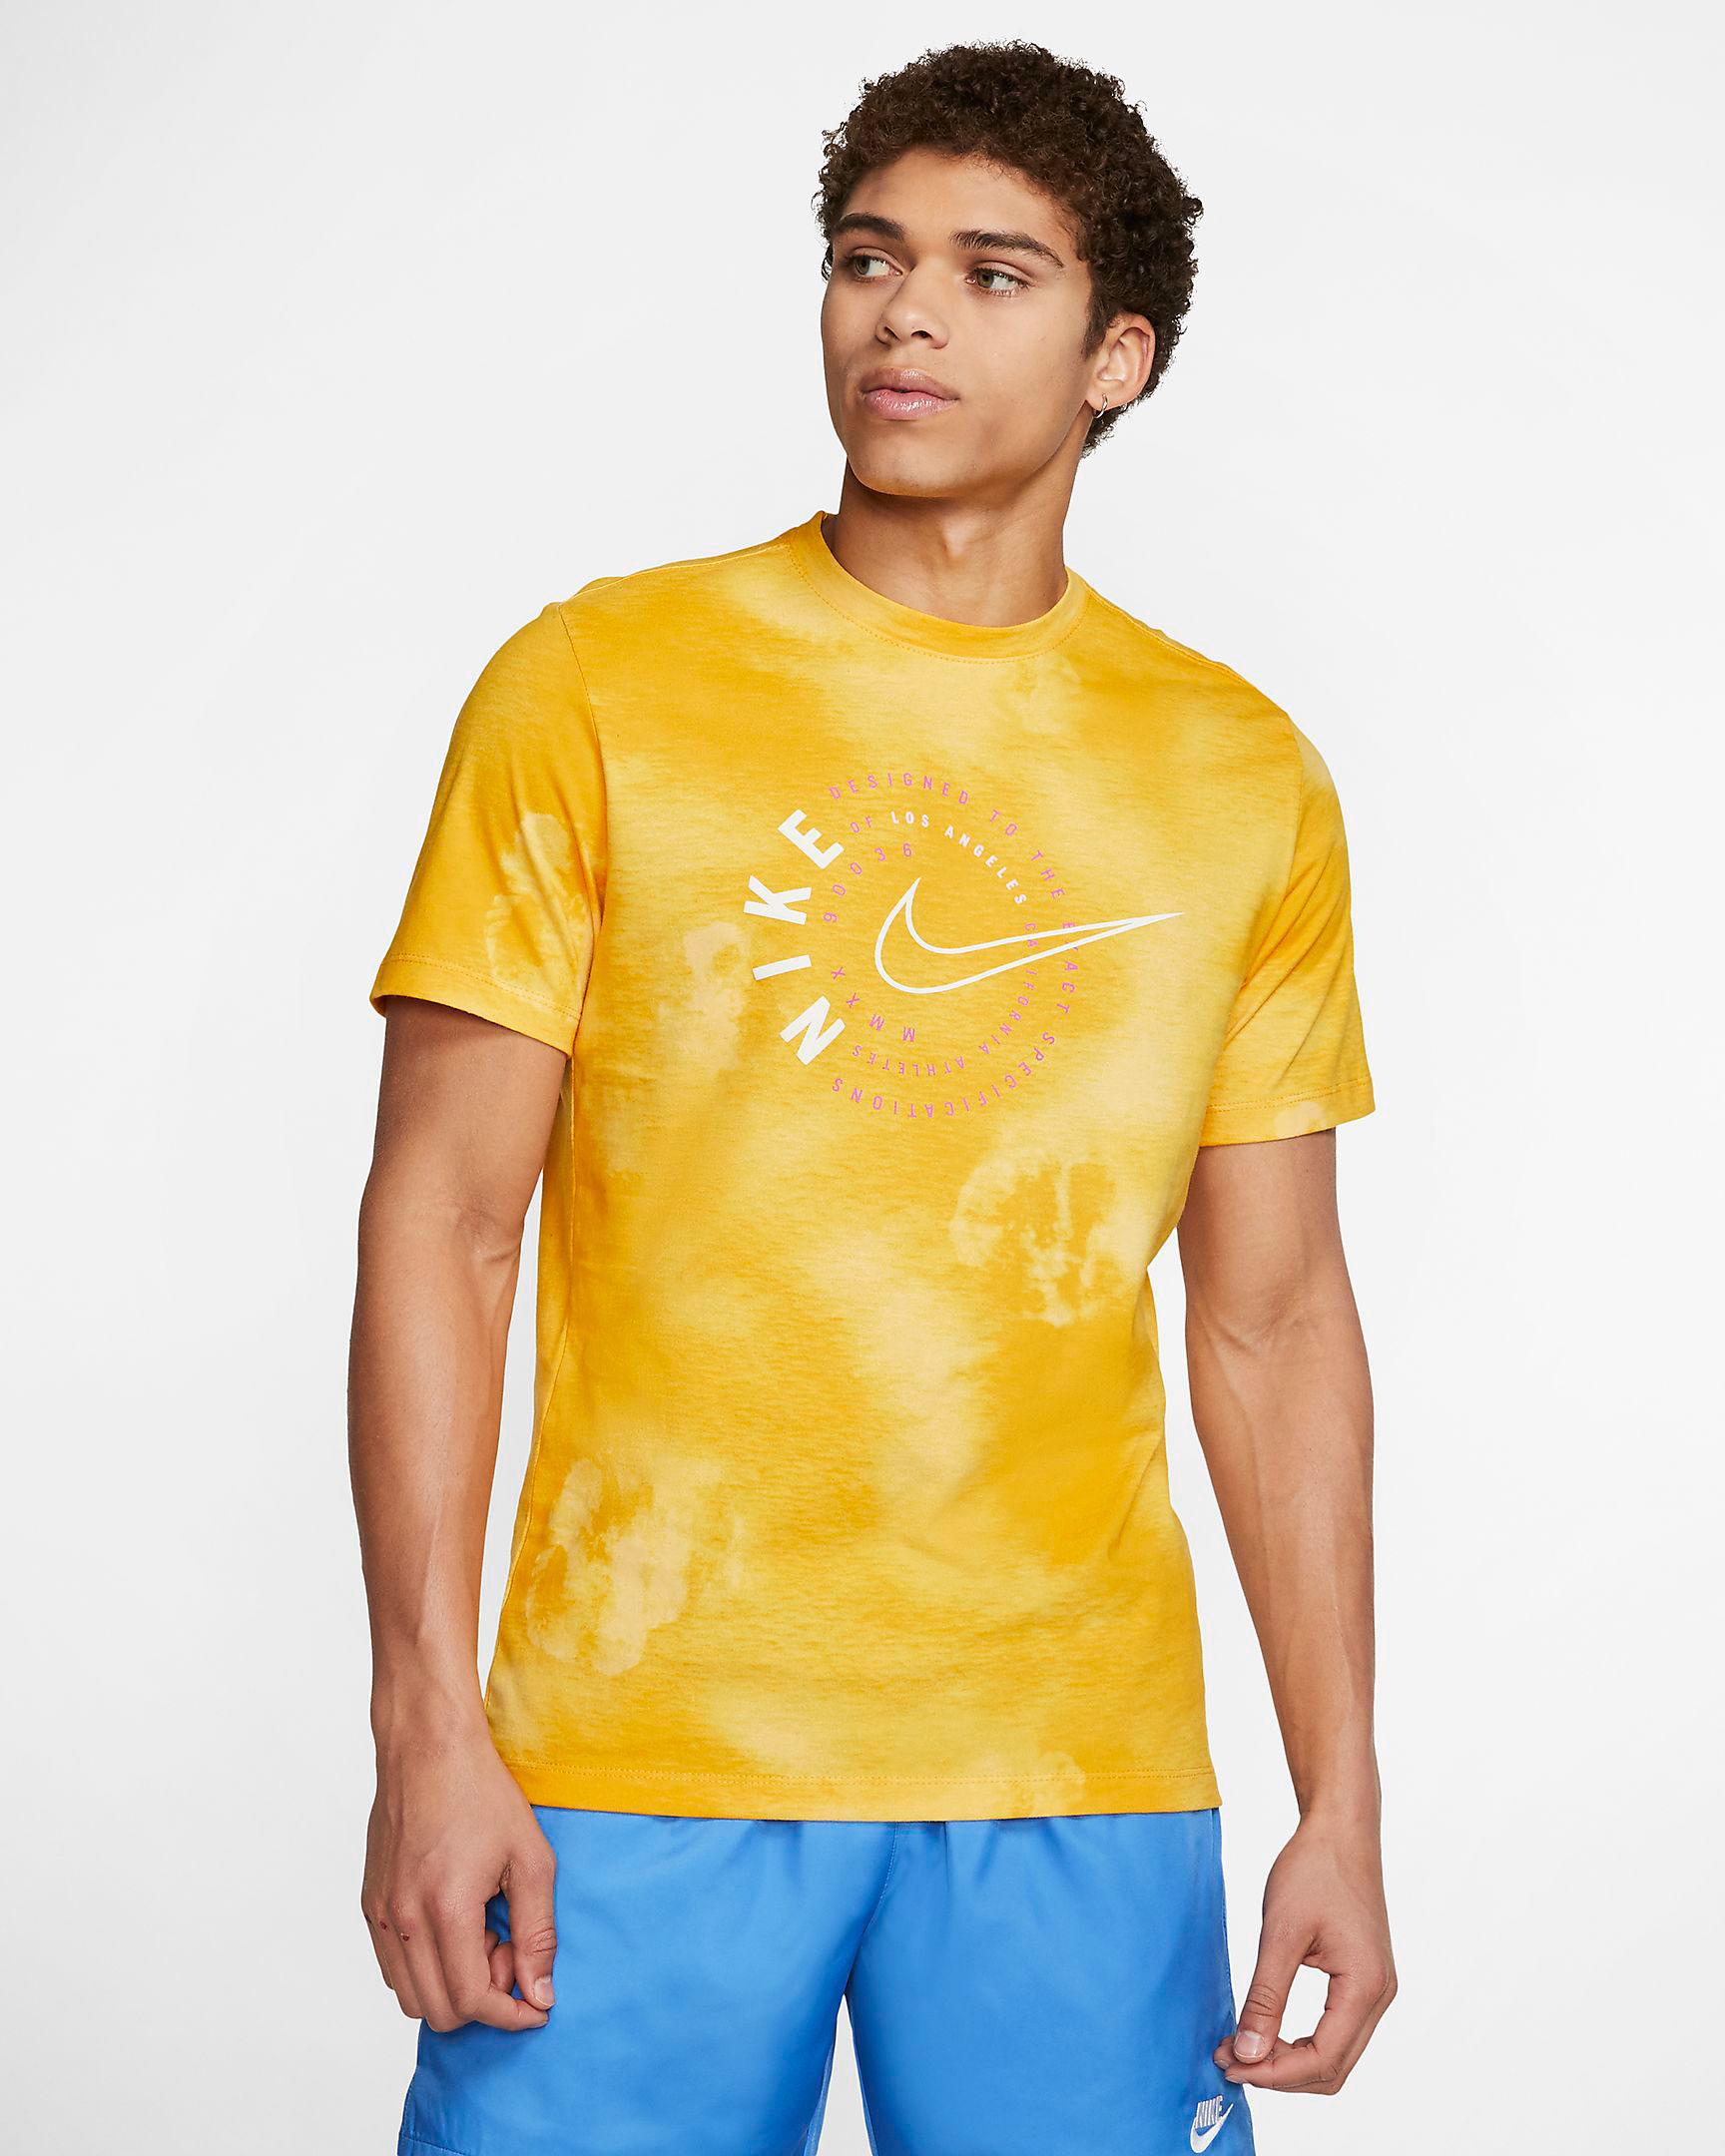 air-jordan-12-university-gold-nike-tee-shirt-1